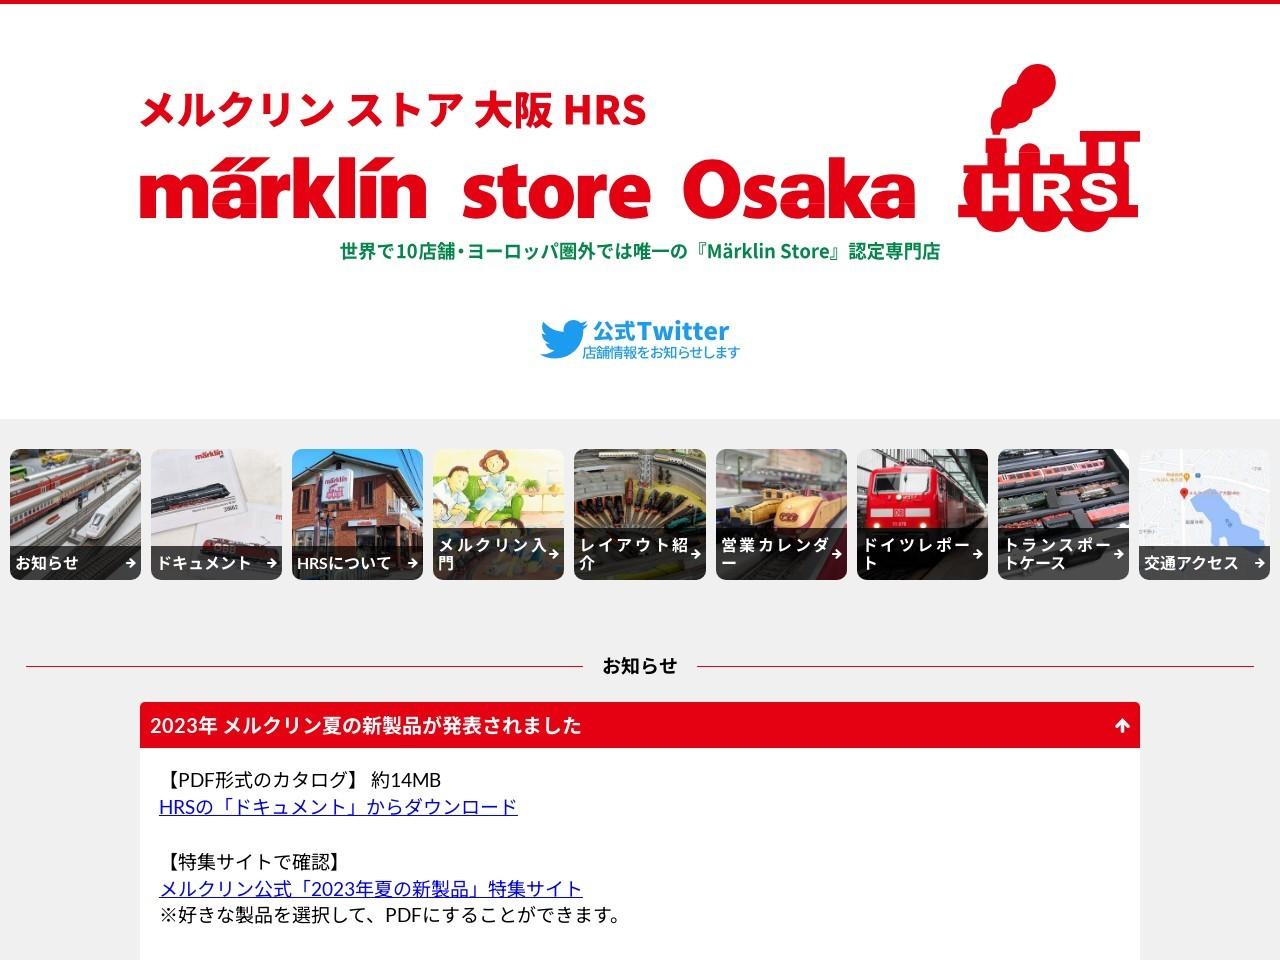 メルクリンストア大阪HRS|大阪府枚方市にあるメルクリン専門店です